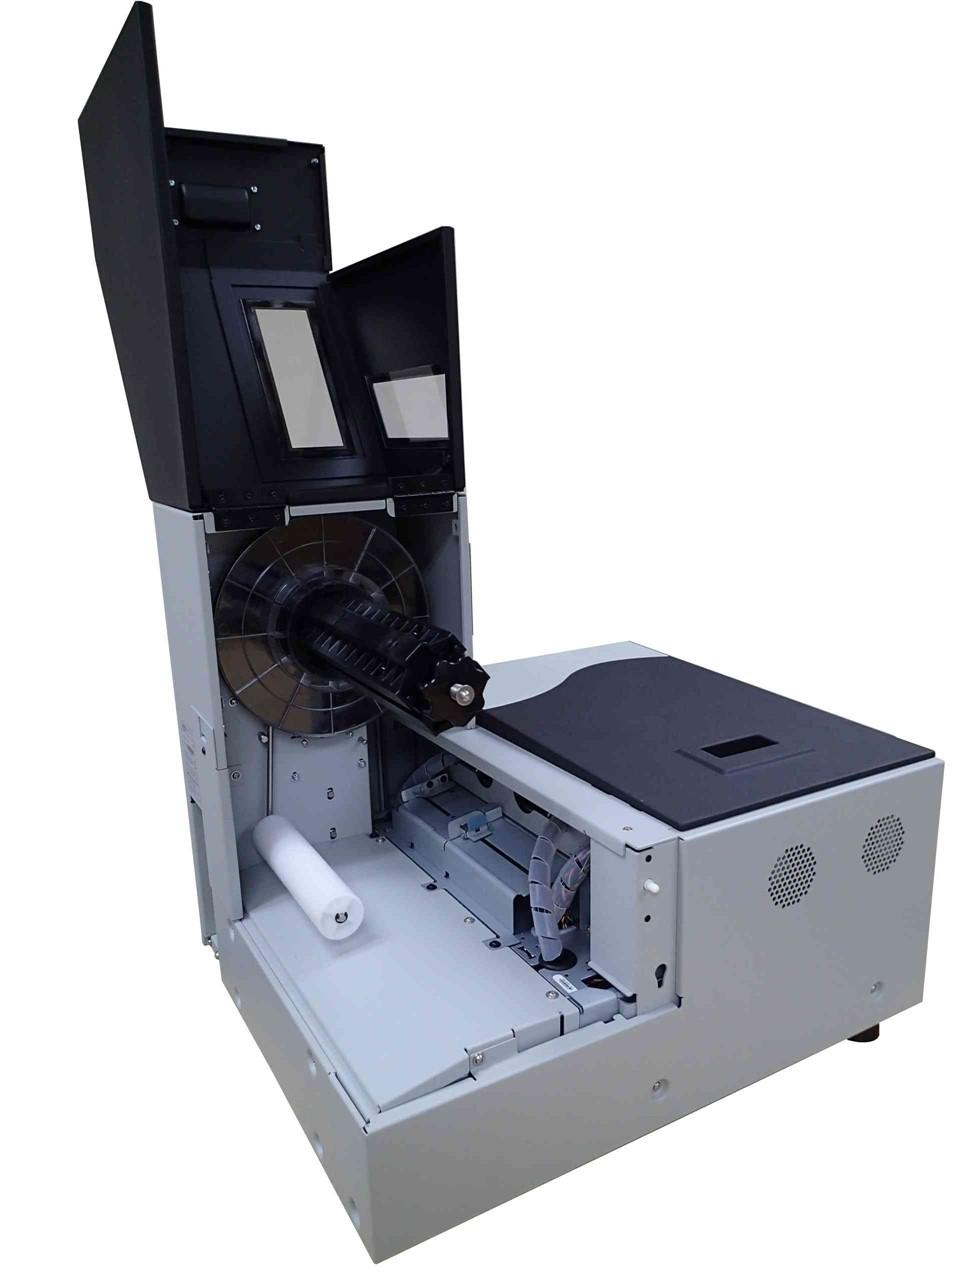 VIP COLOR VP700 Label Printer